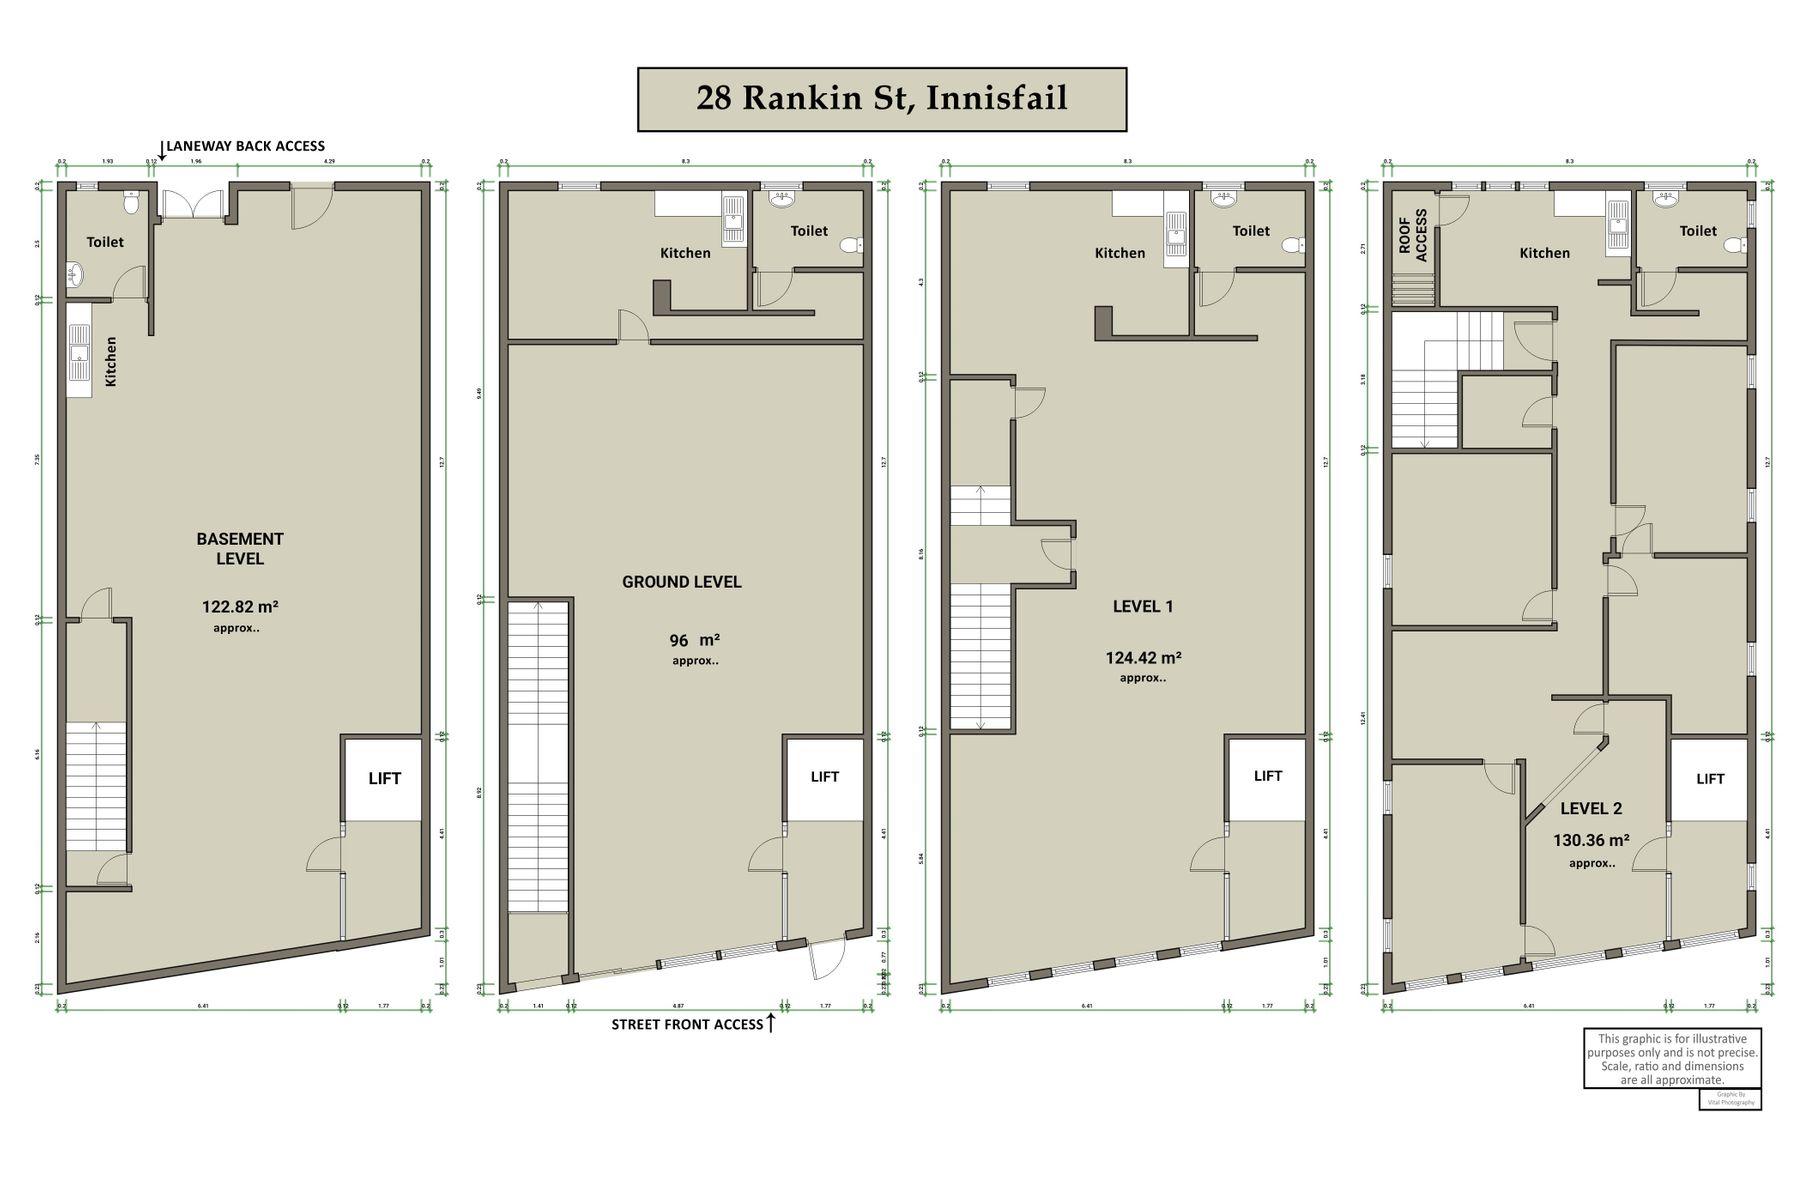 28 RANKIN STREET, Innisfail, QLD 4860